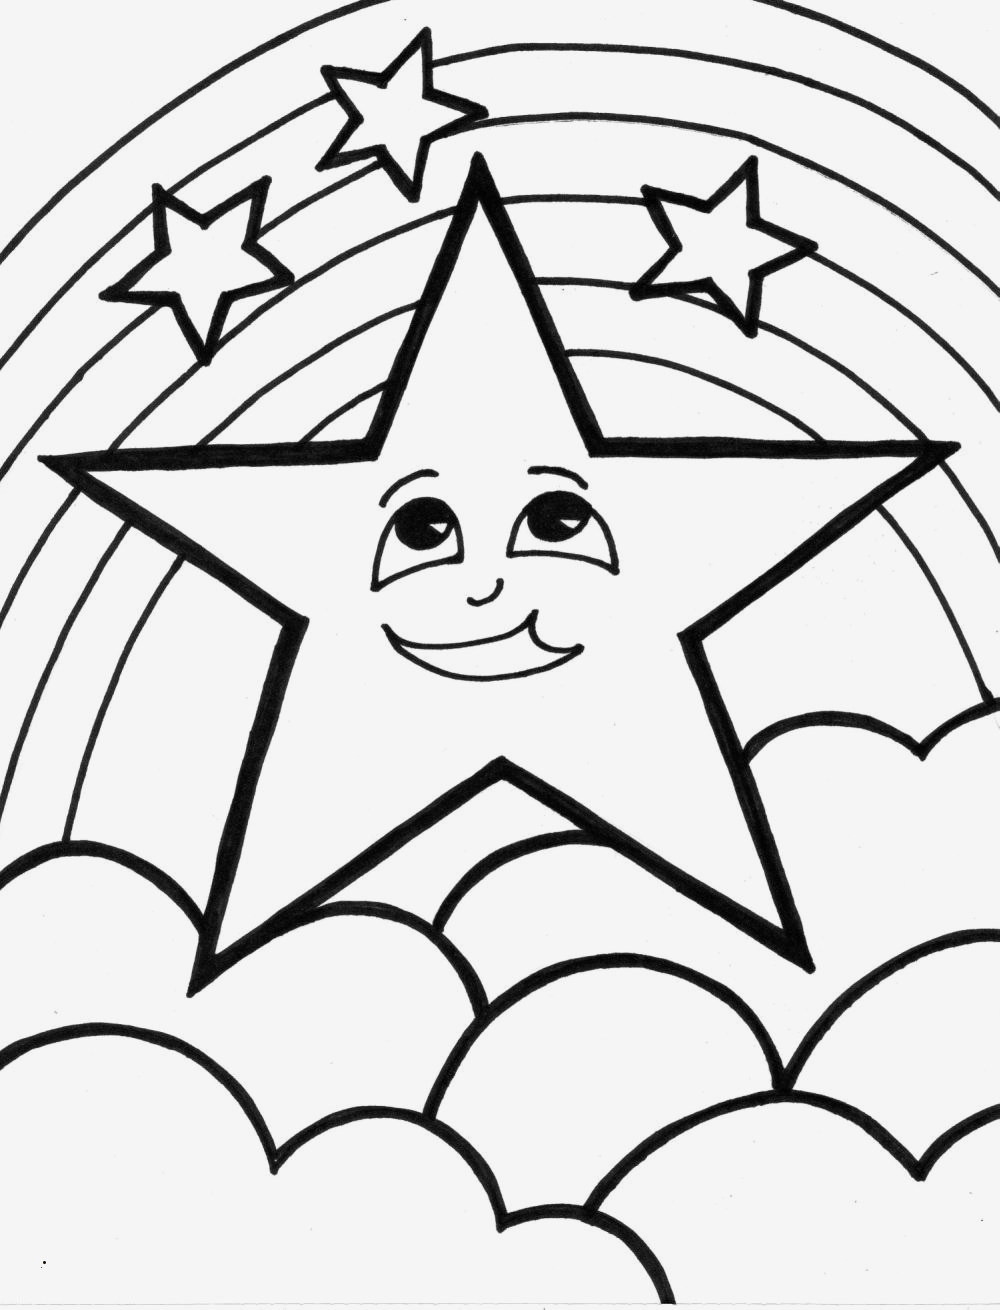 Harry Potter Ausmalbilder Wappen Einzigartig Eine Sammlung Von Färbung Bilder Ausmalbilder Stern Best Elegant Fotos